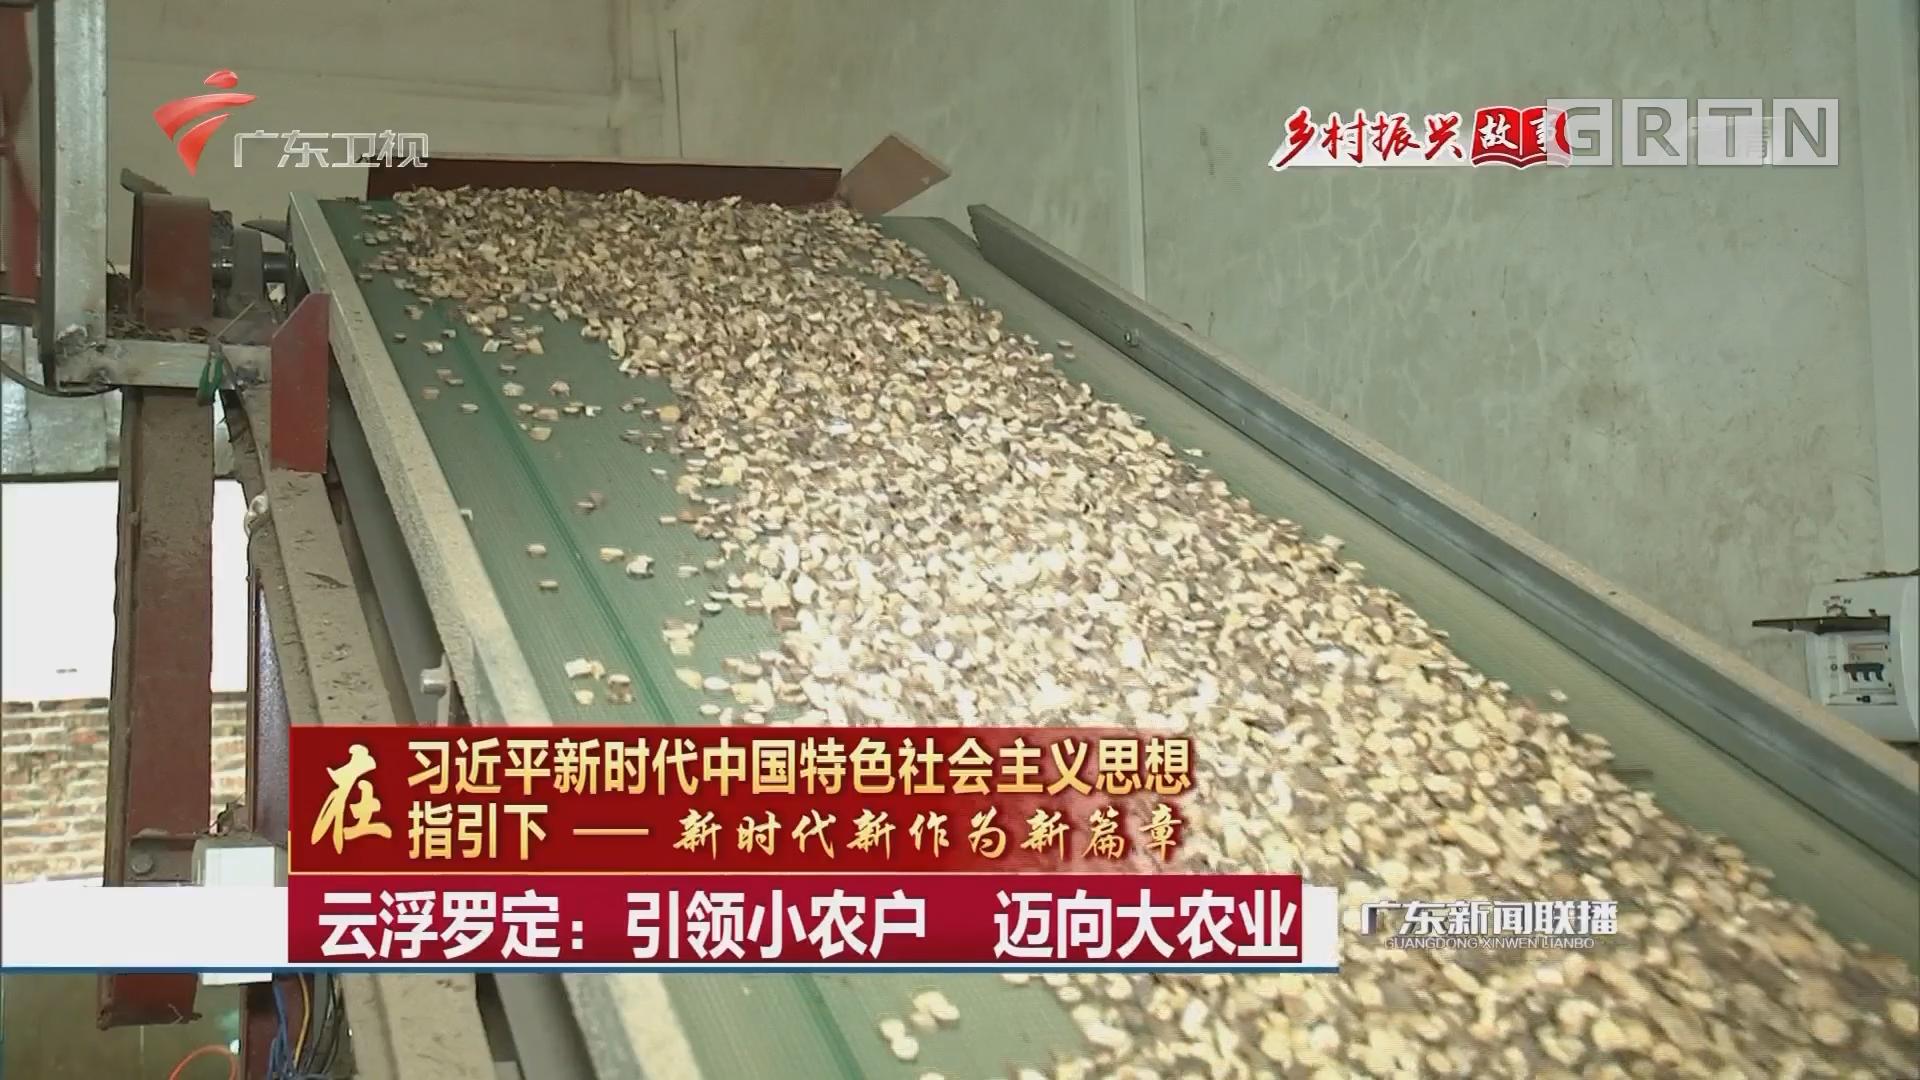 云浮罗定:引领小农户 迈向大农业